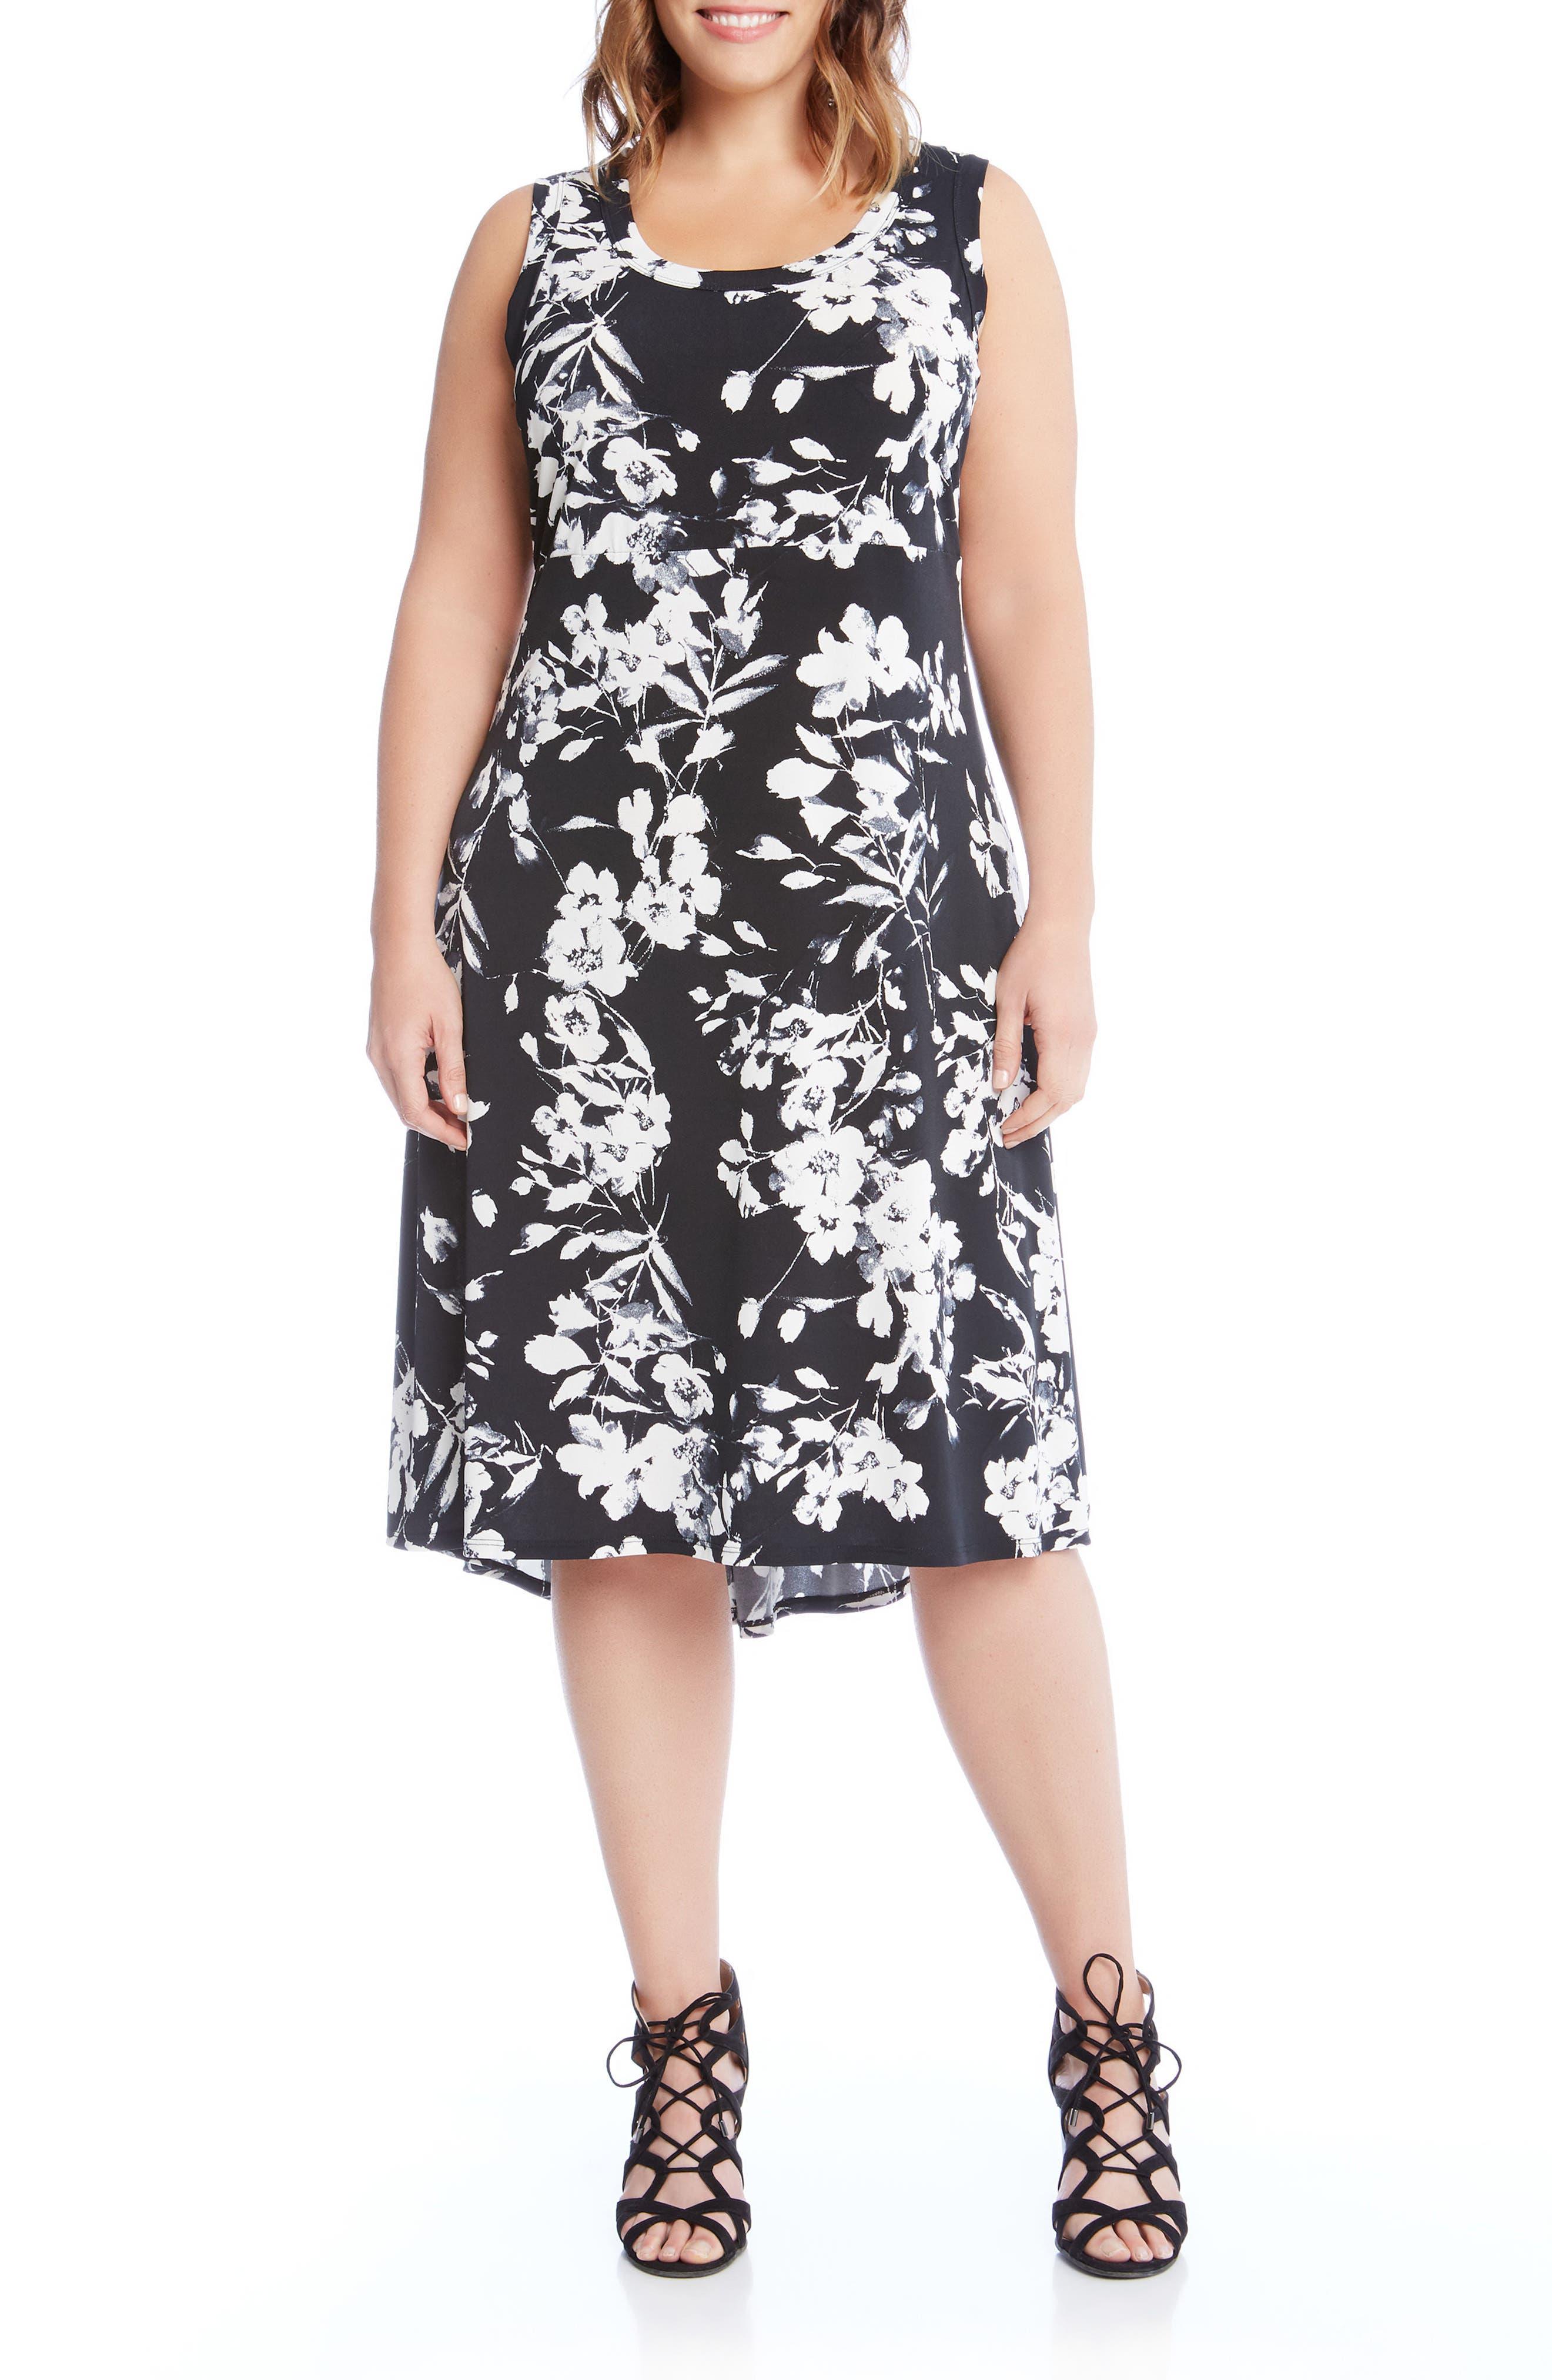 KAREN KANE Floral High/Low A-Line Dress, Main, color, 013